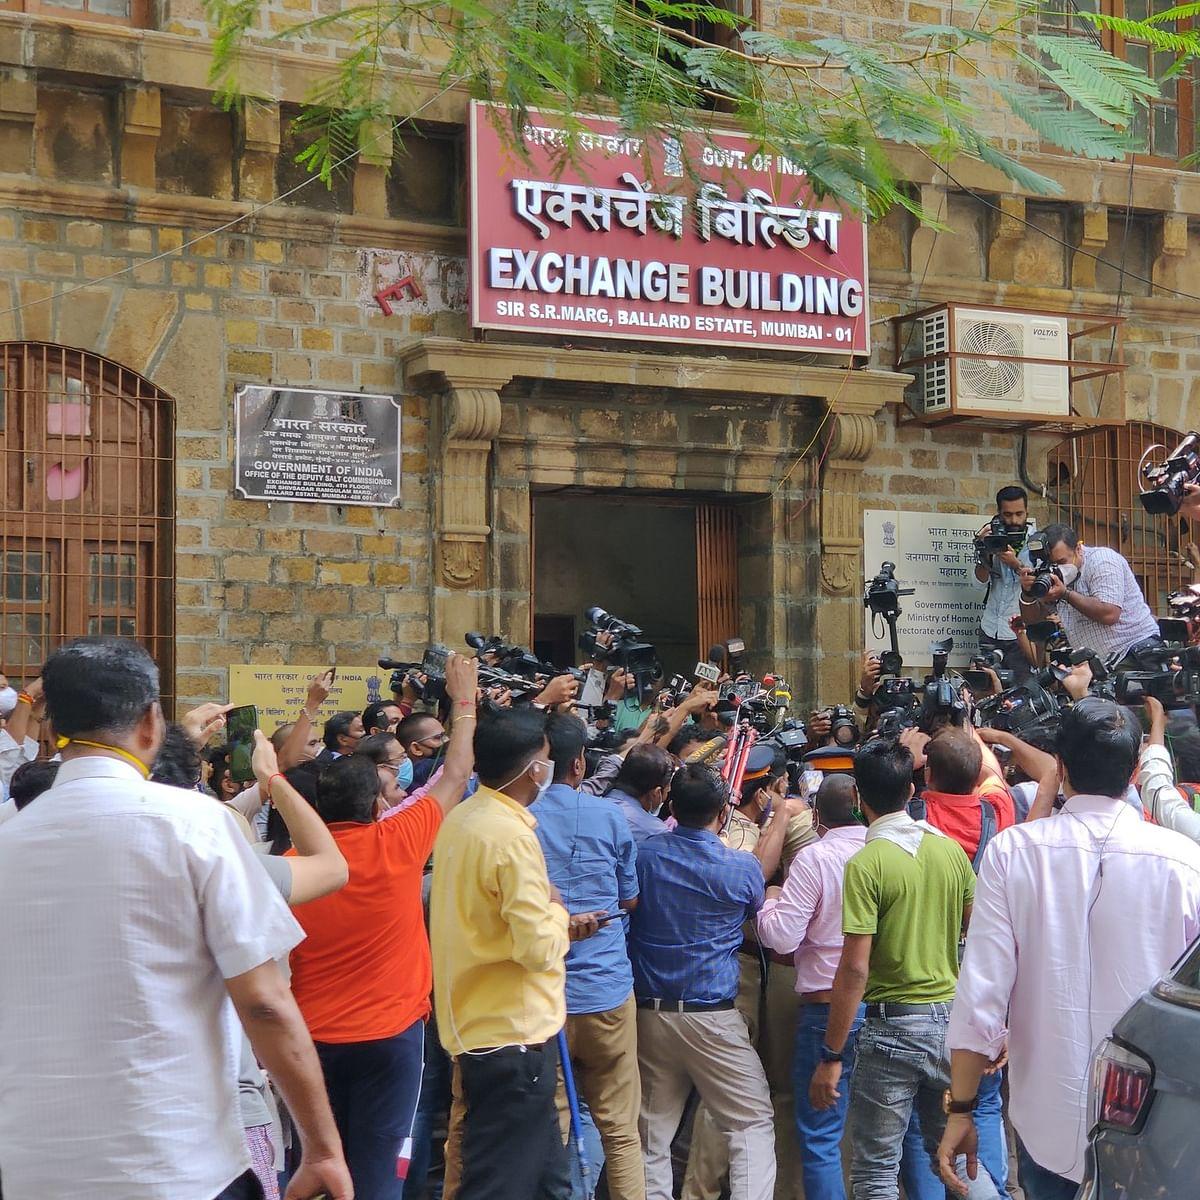 सिनेजीवन: सुशांत केस में गिरफ्तारी का दौर जारी और बॉलीवुड को बदनाम करने वालों को जया की फटकार